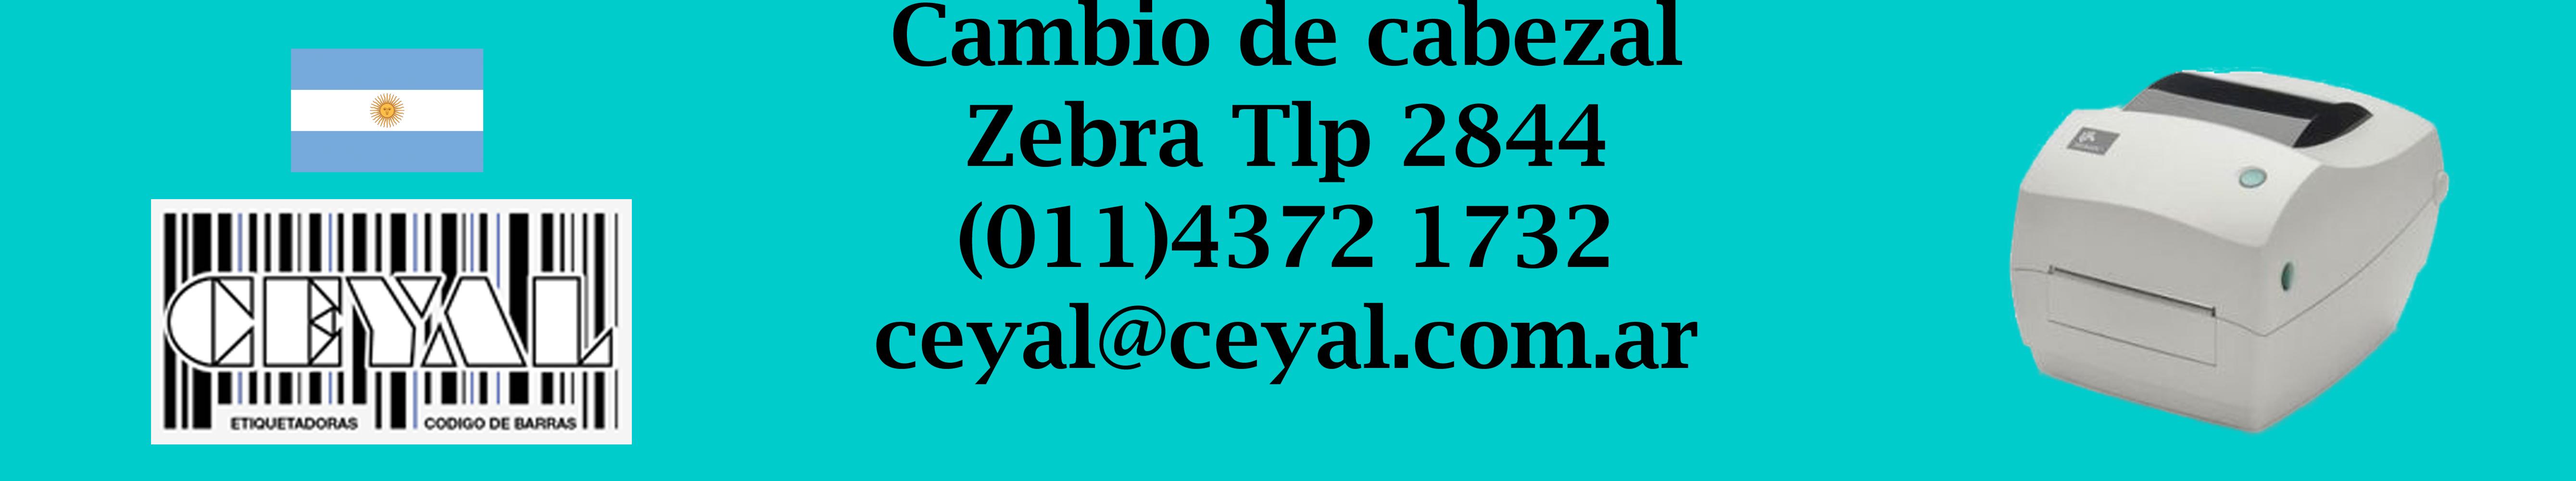 cambio de cabezal zebra tlp 2844